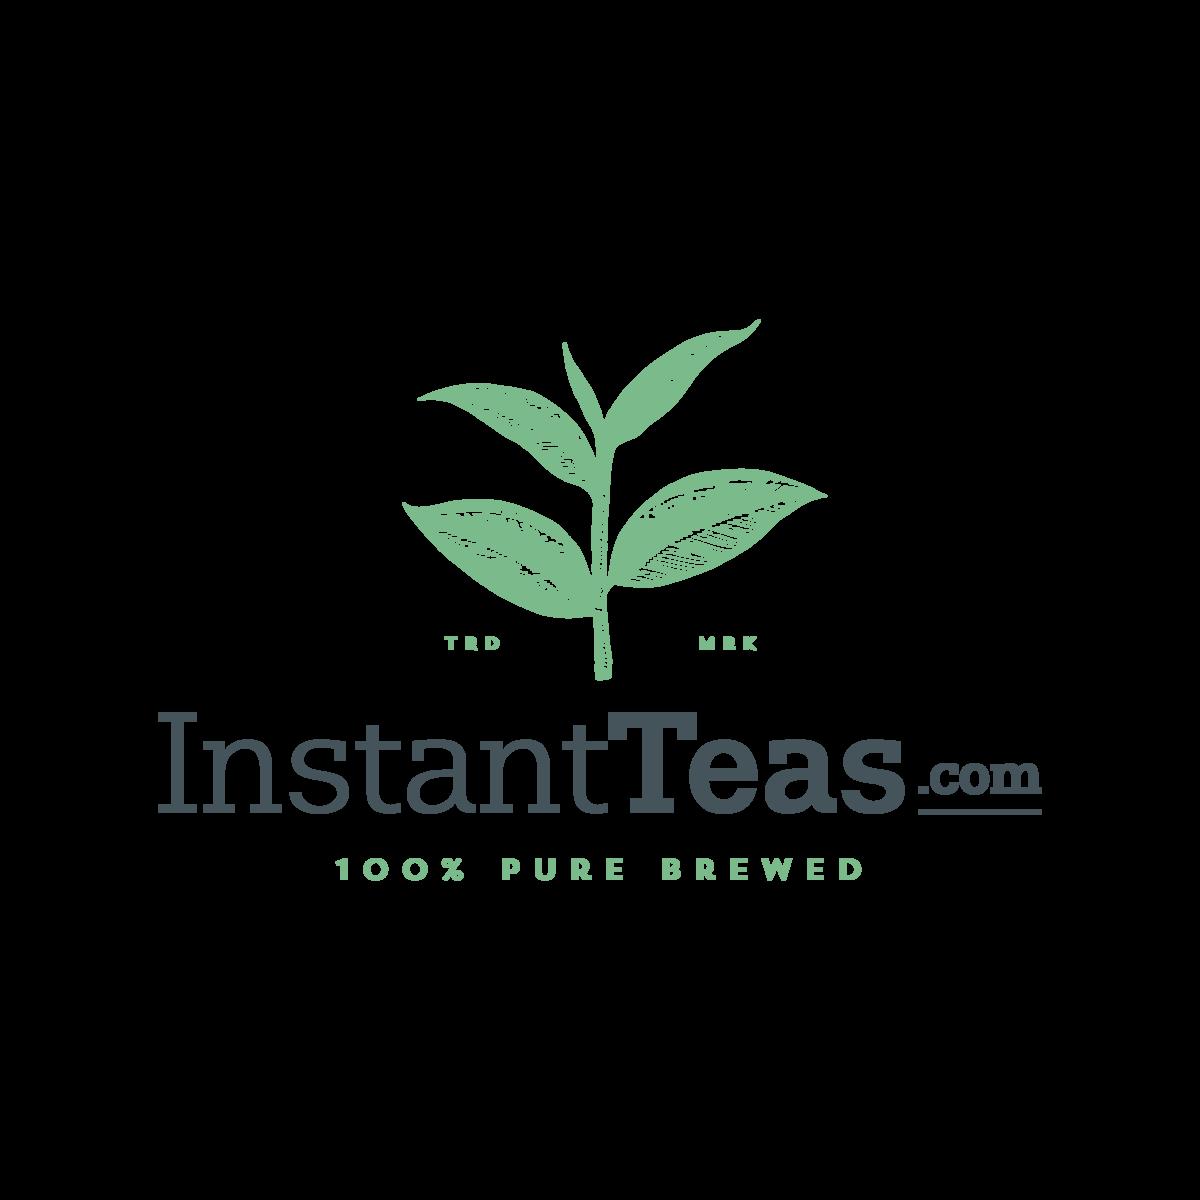 InstantTeas.con Instant Teas